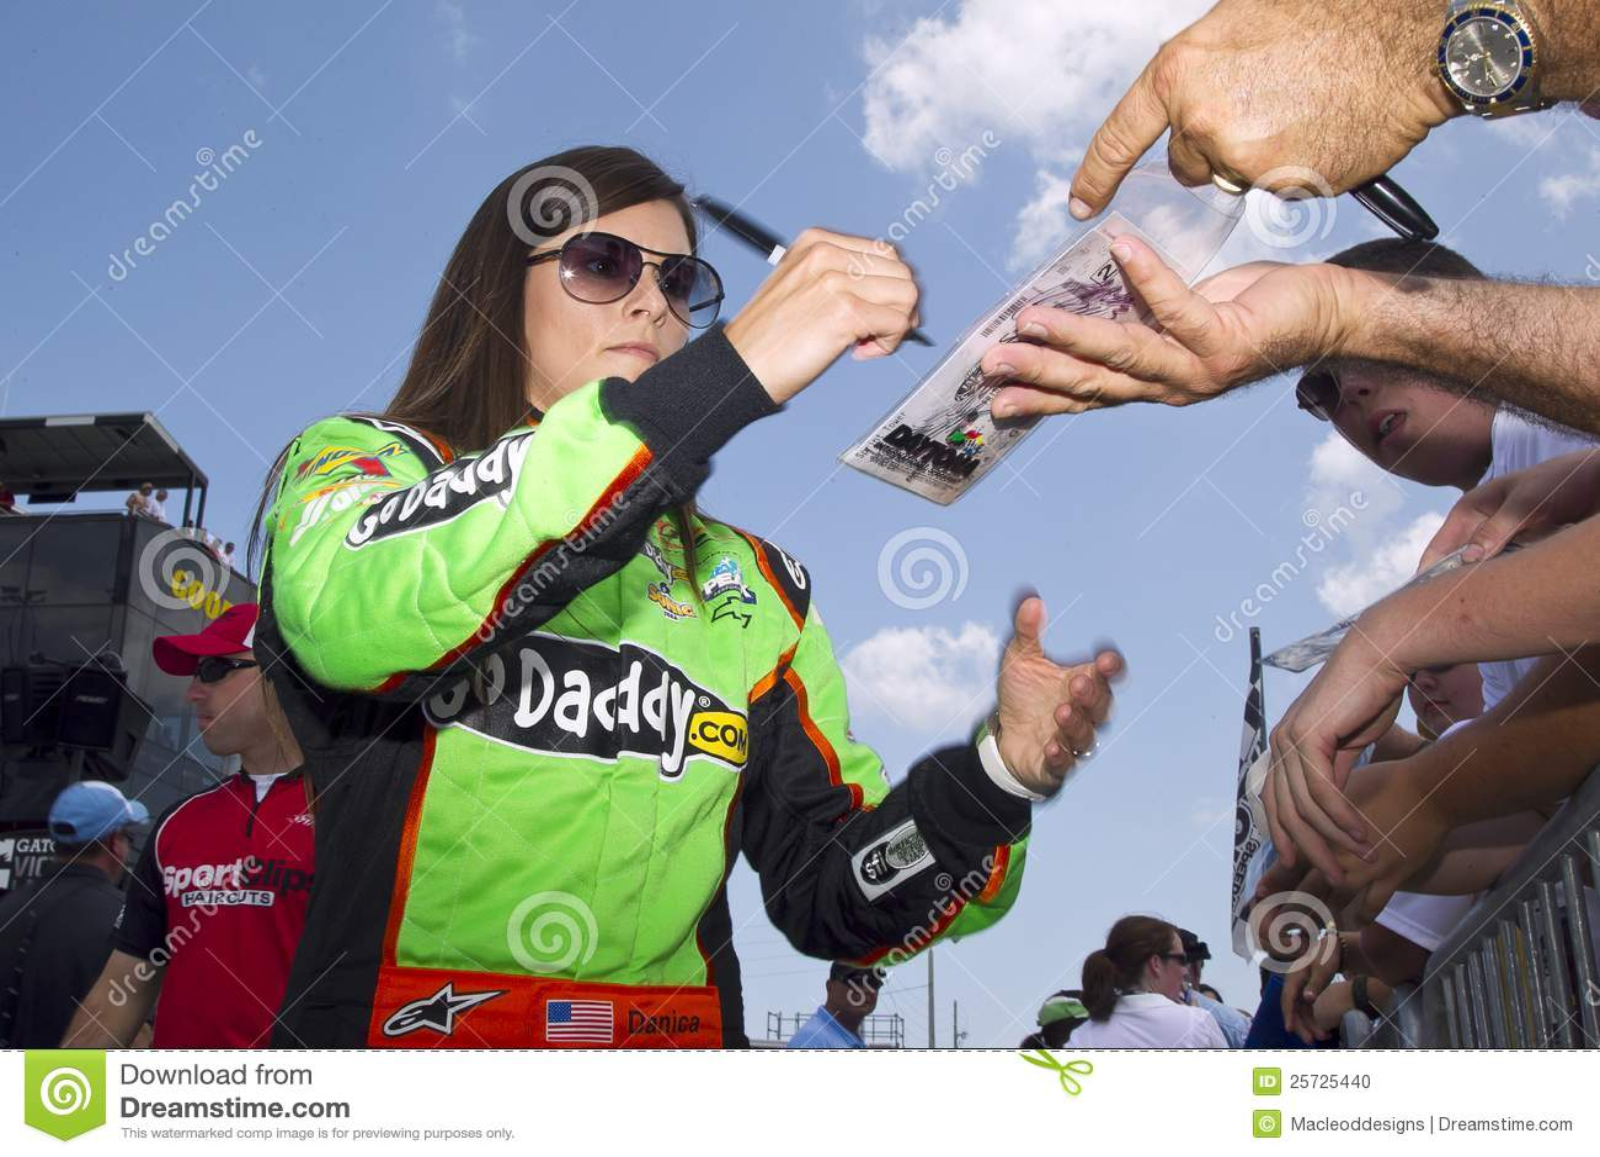 NASCAR: Jul 06 Danica Patrick